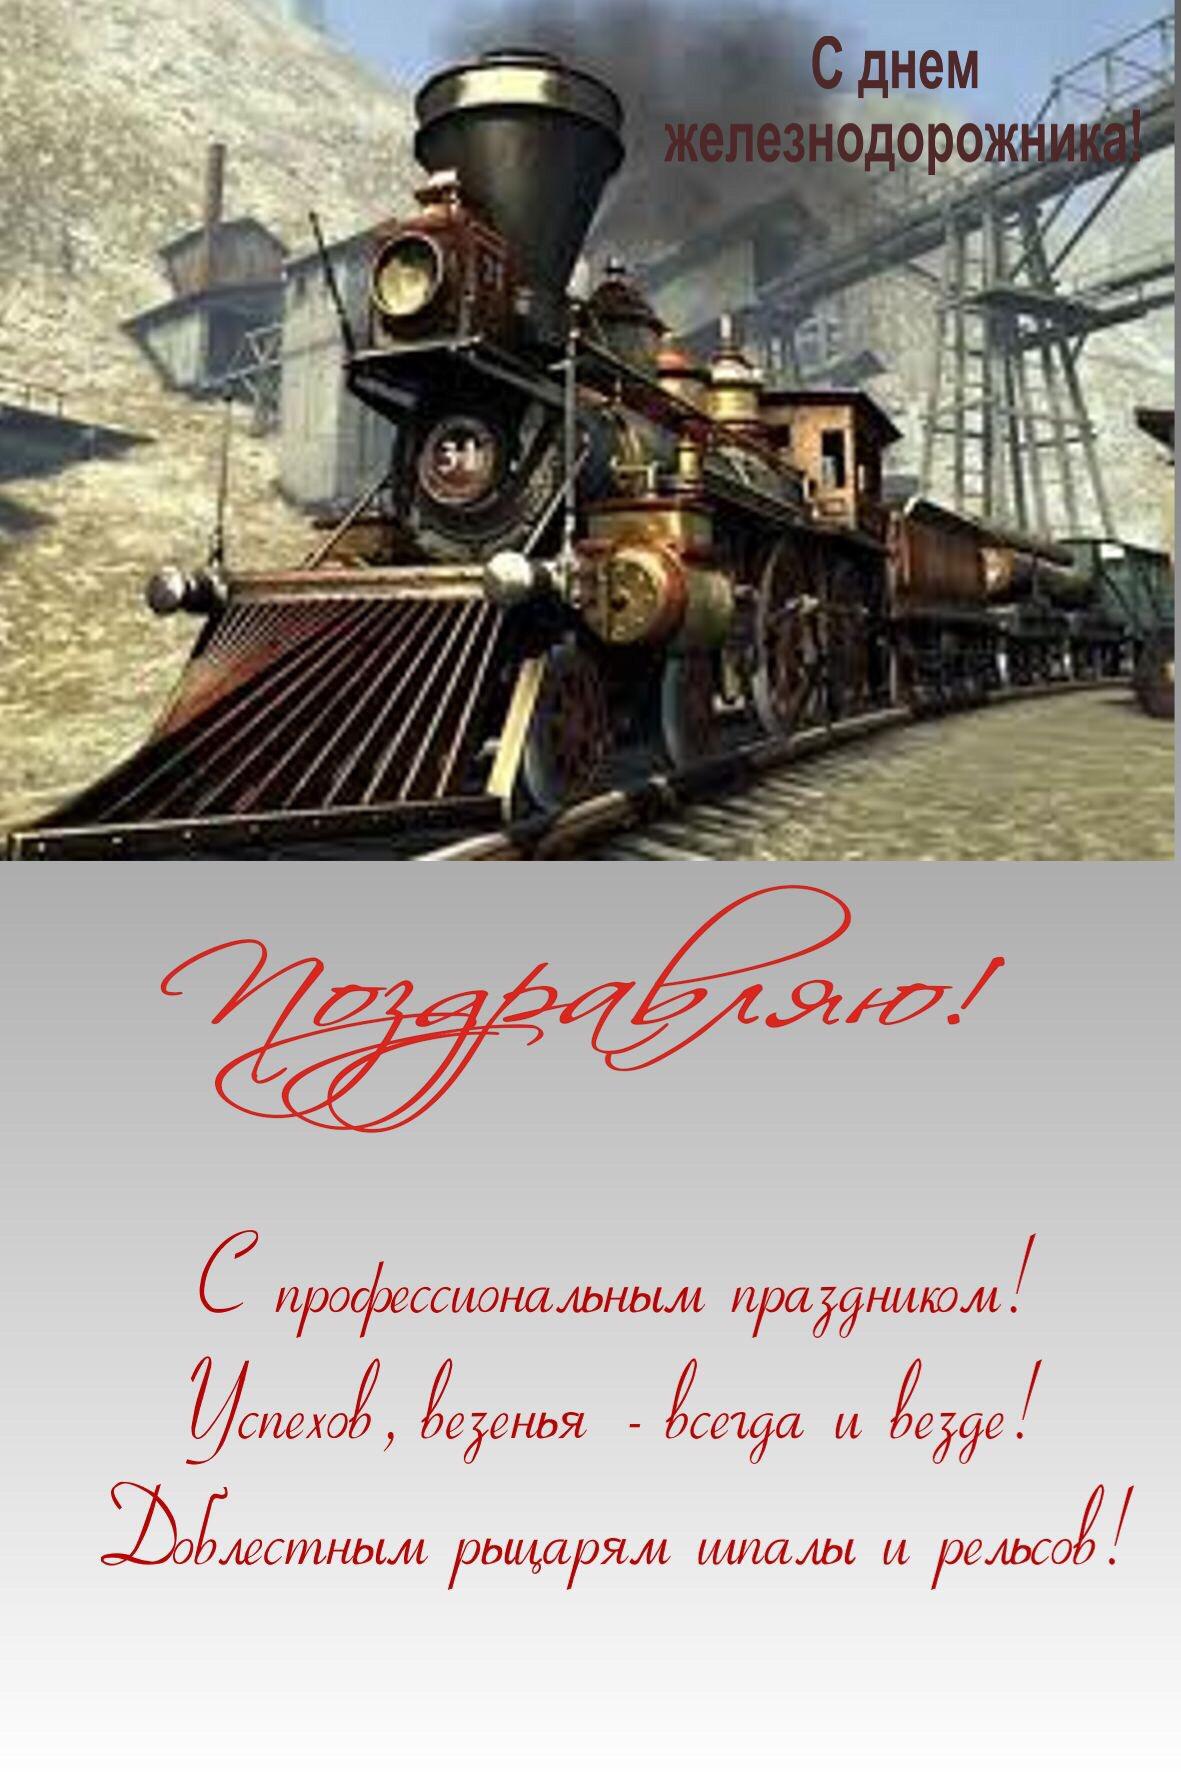 Поздравление с днем железнодорожника коллегам в открытках